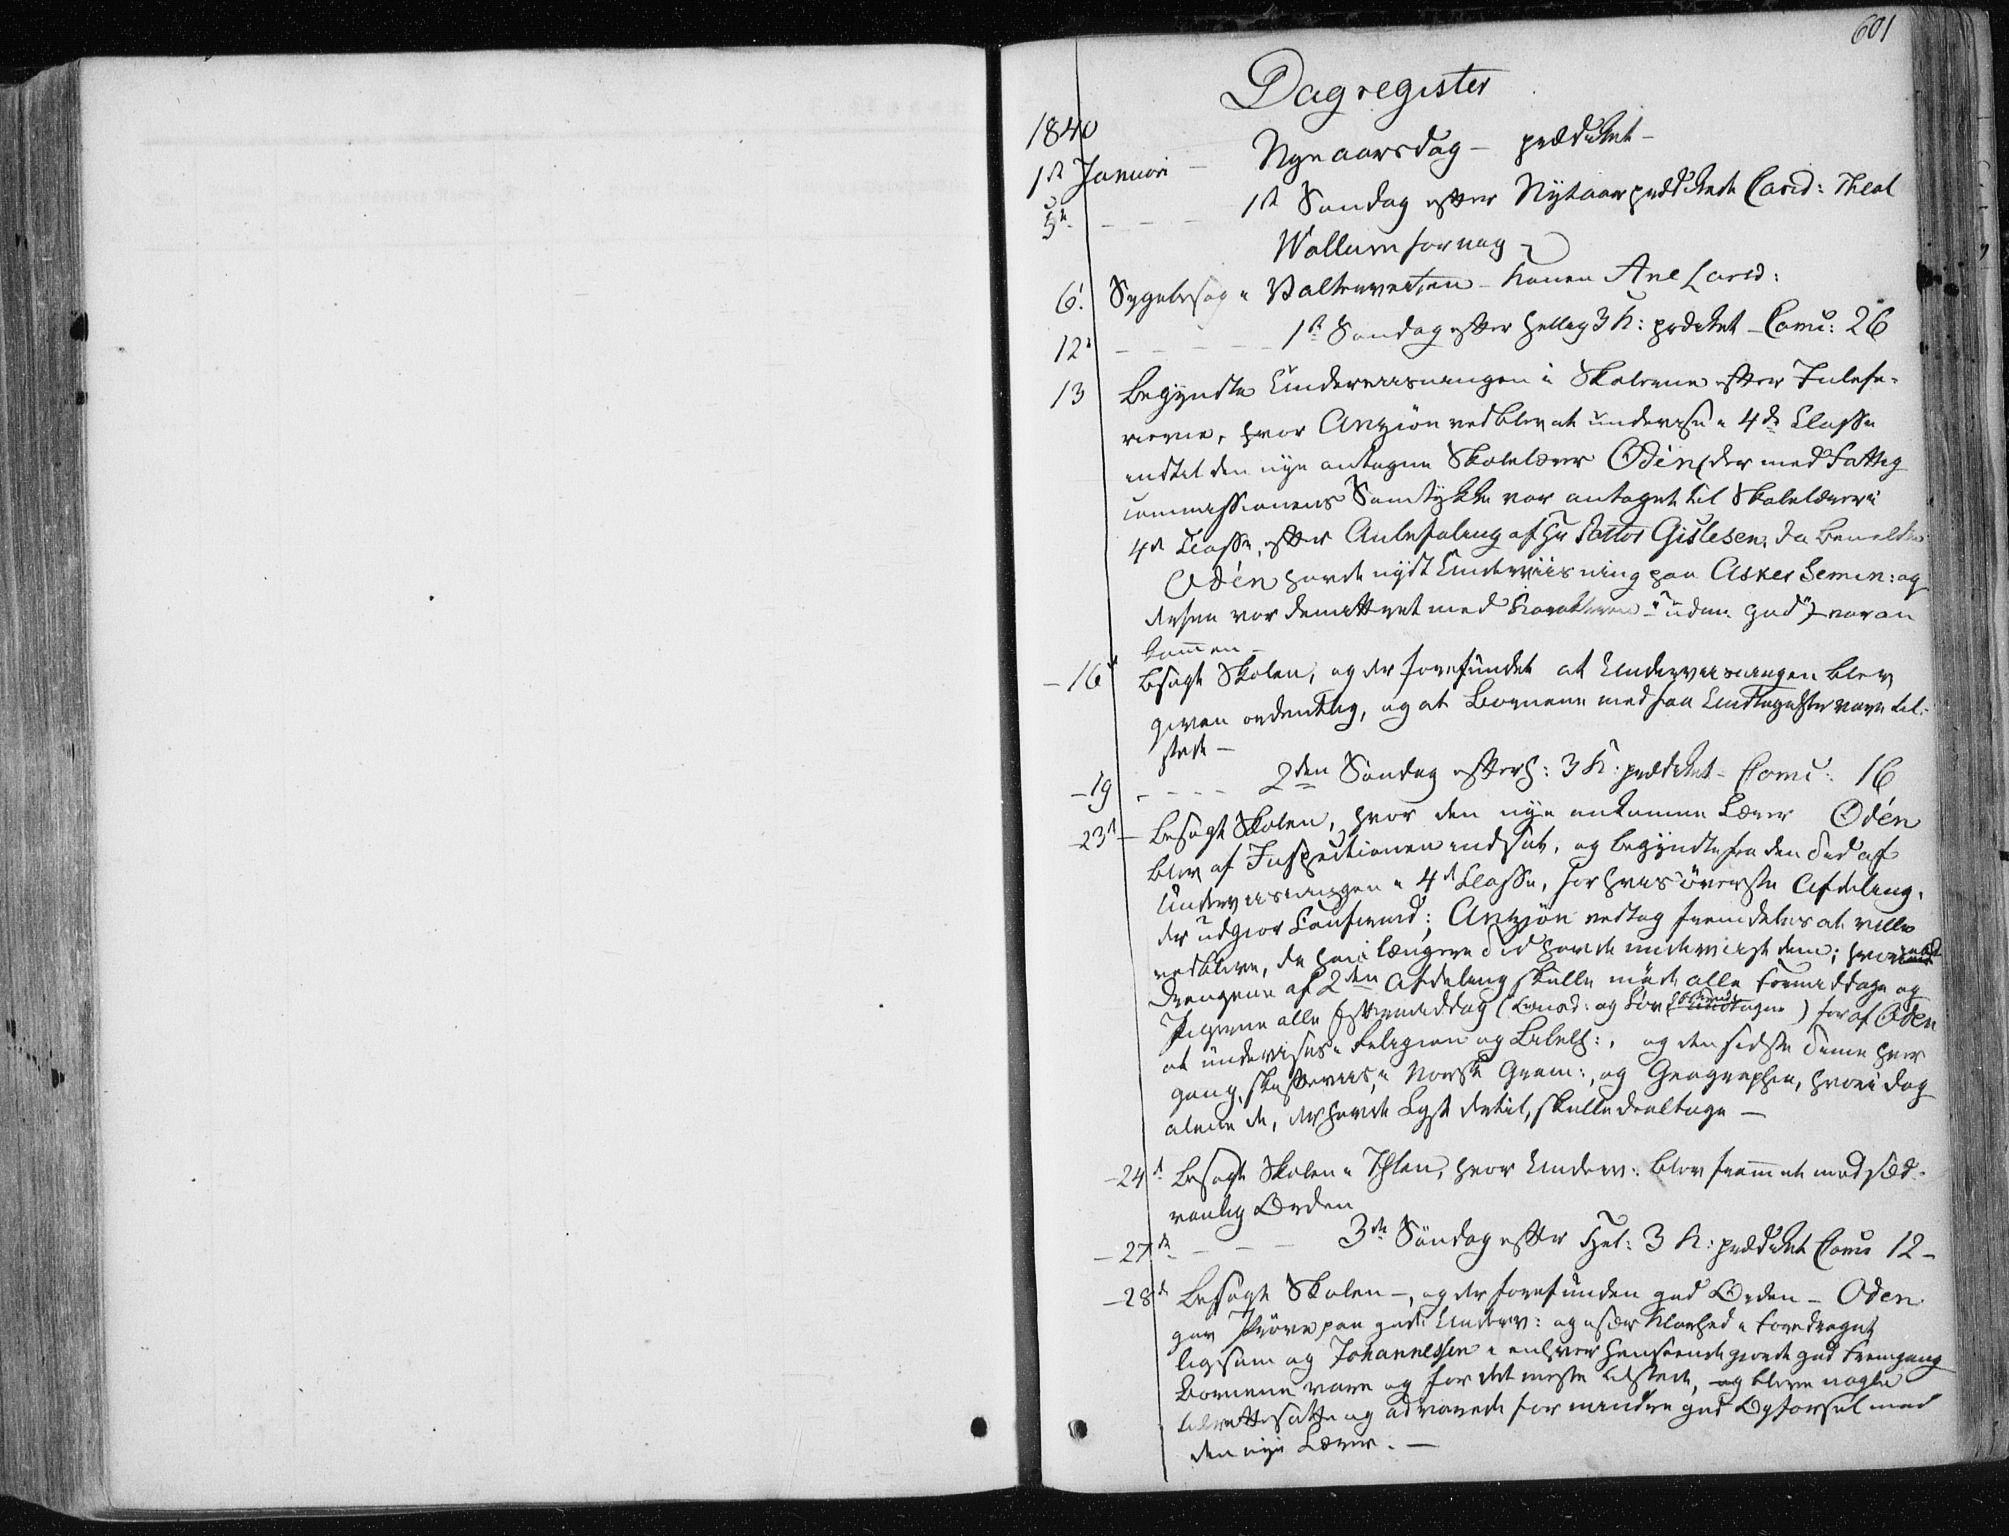 SAT, Ministerialprotokoller, klokkerbøker og fødselsregistre - Sør-Trøndelag, 601/L0049: Ministerialbok nr. 601A17, 1839-1847, s. 601